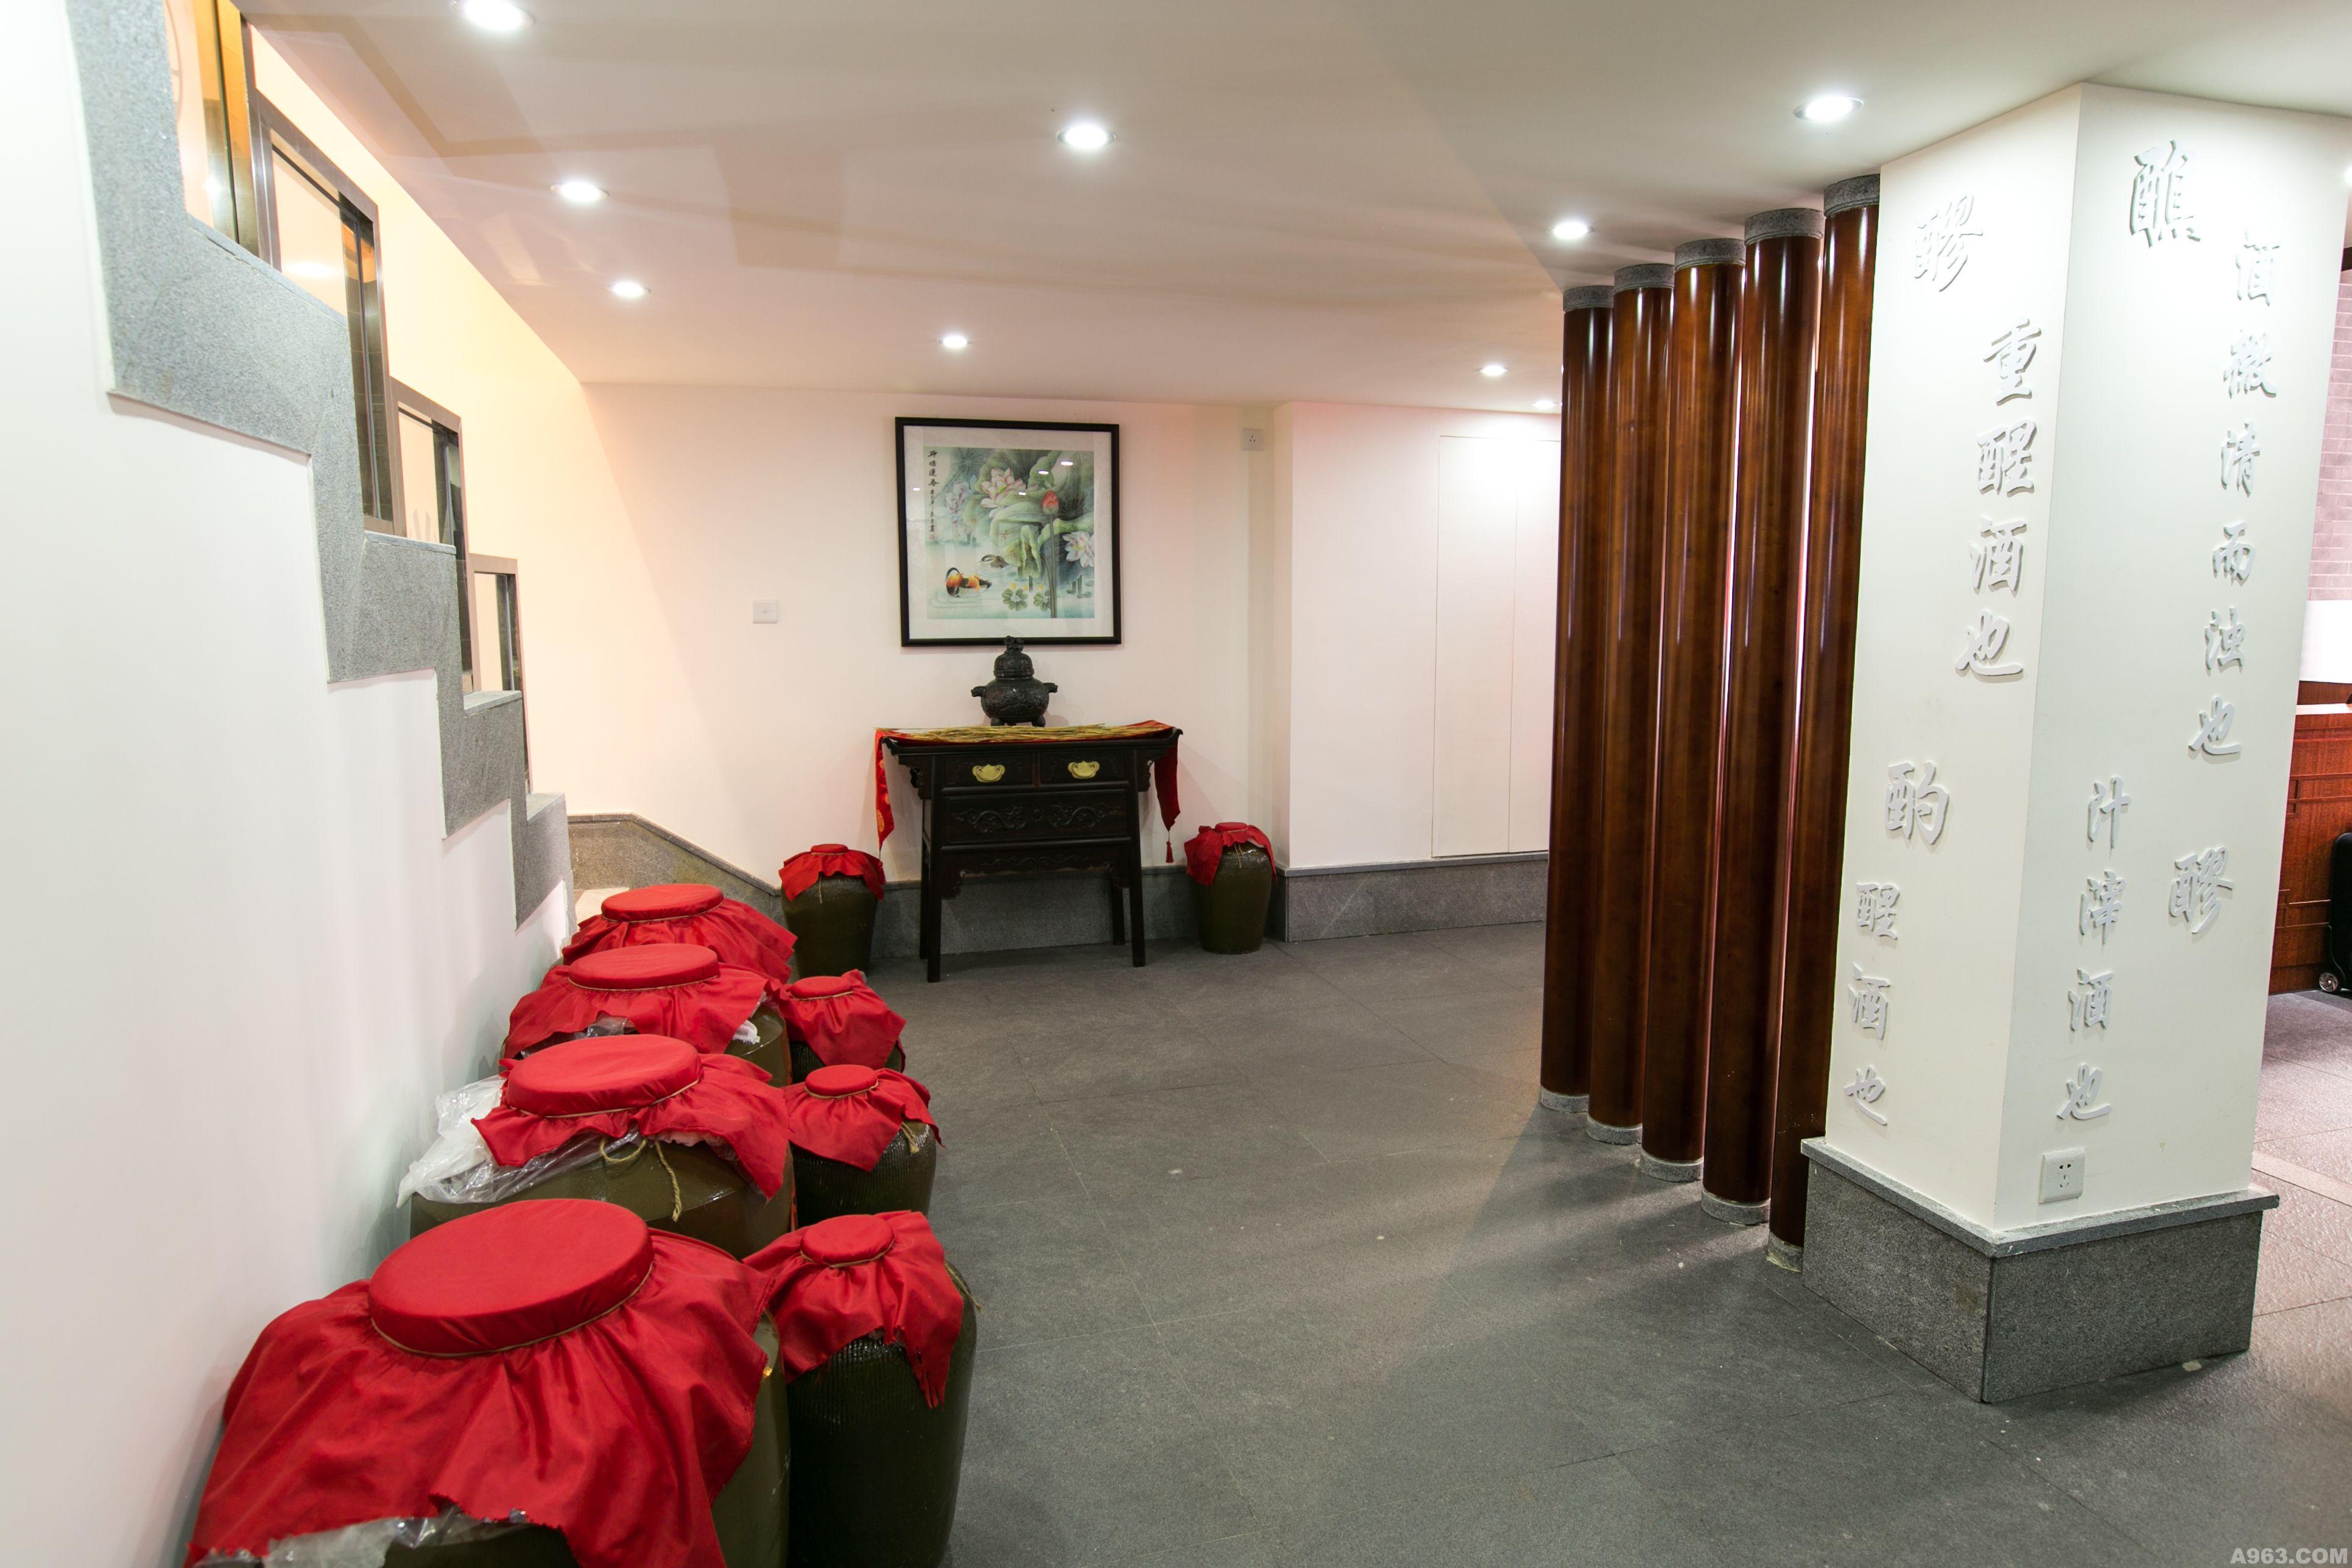 古源液专卖店 - 商业空间 - 广州室内设计网_广州室内